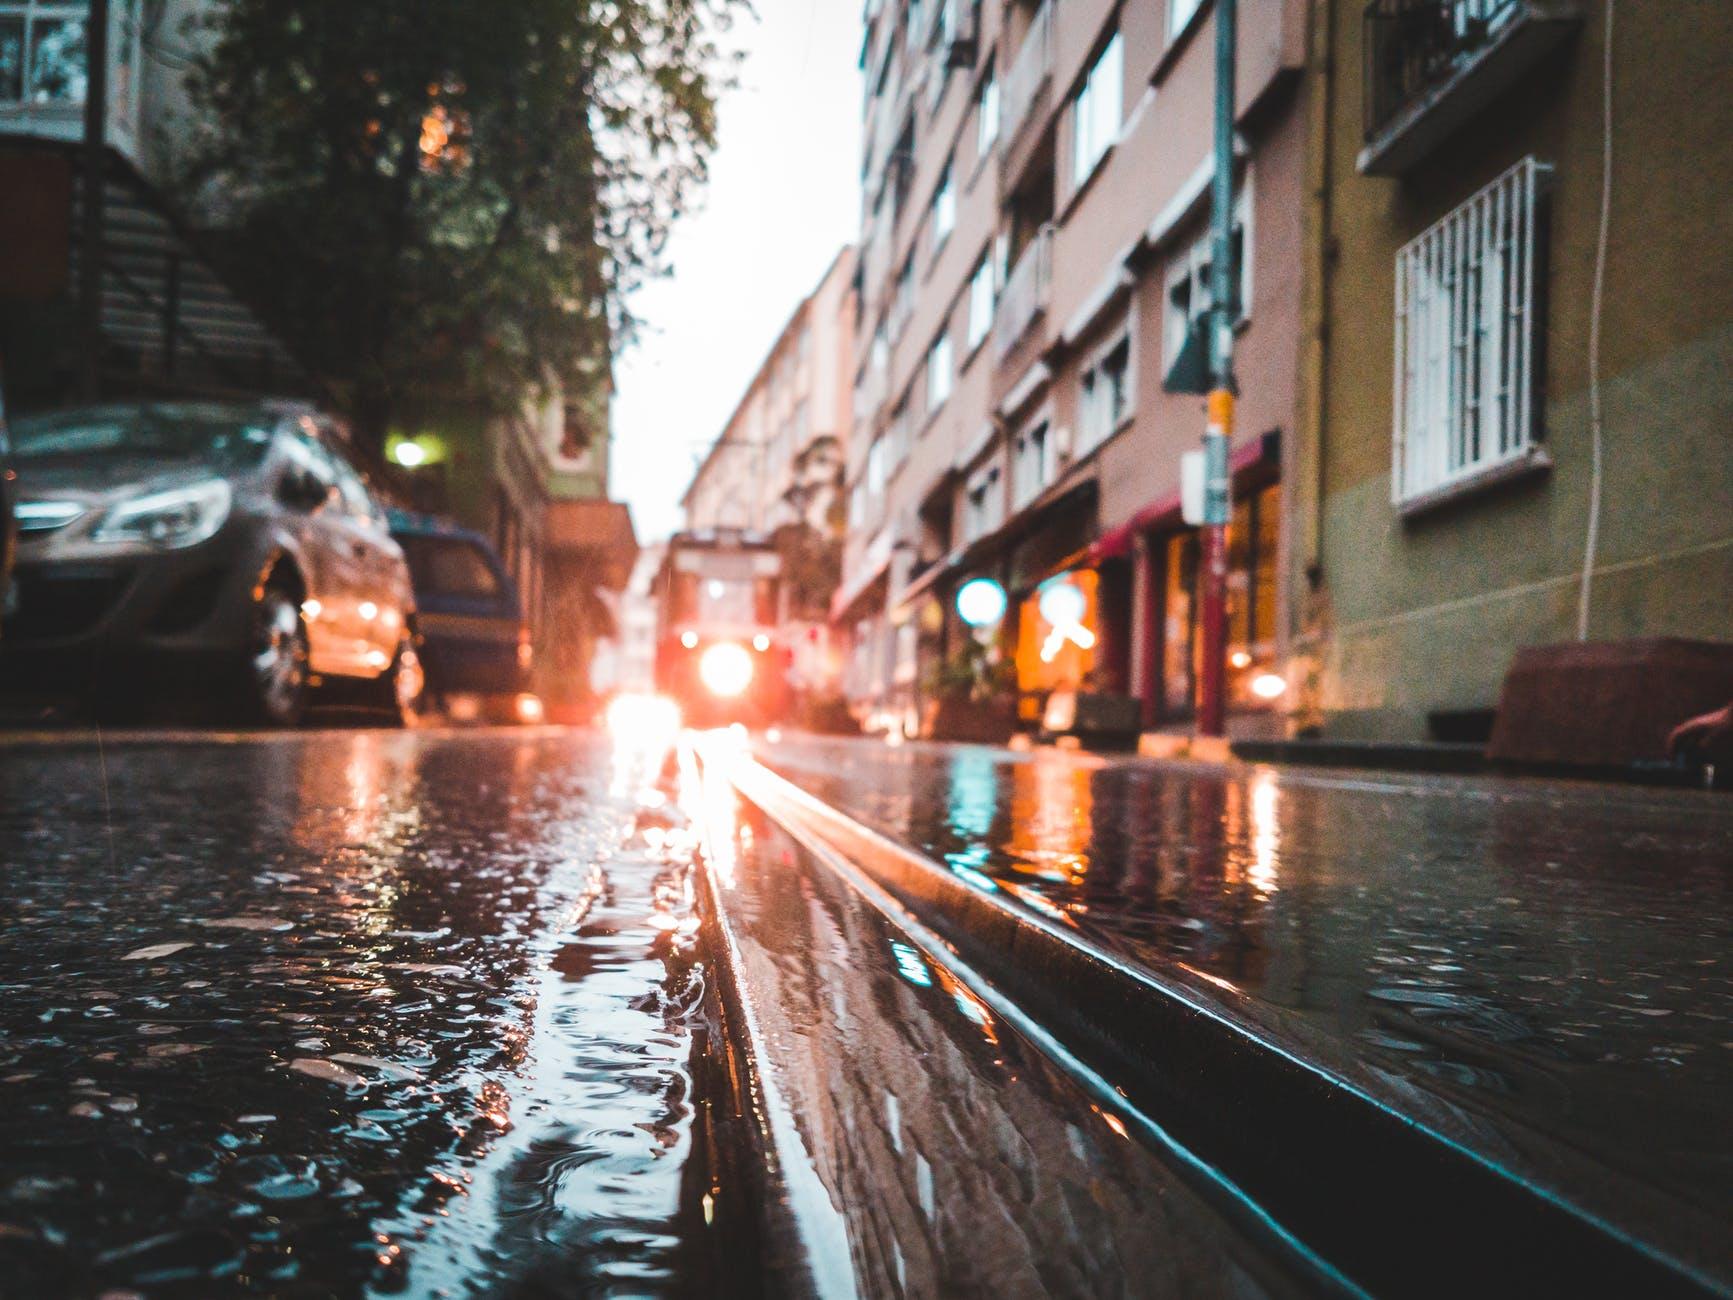 Hochwasserschäden an Gebäuden sind nicht mit Wohngebäude- oder Hausratversicherung abgedeckt